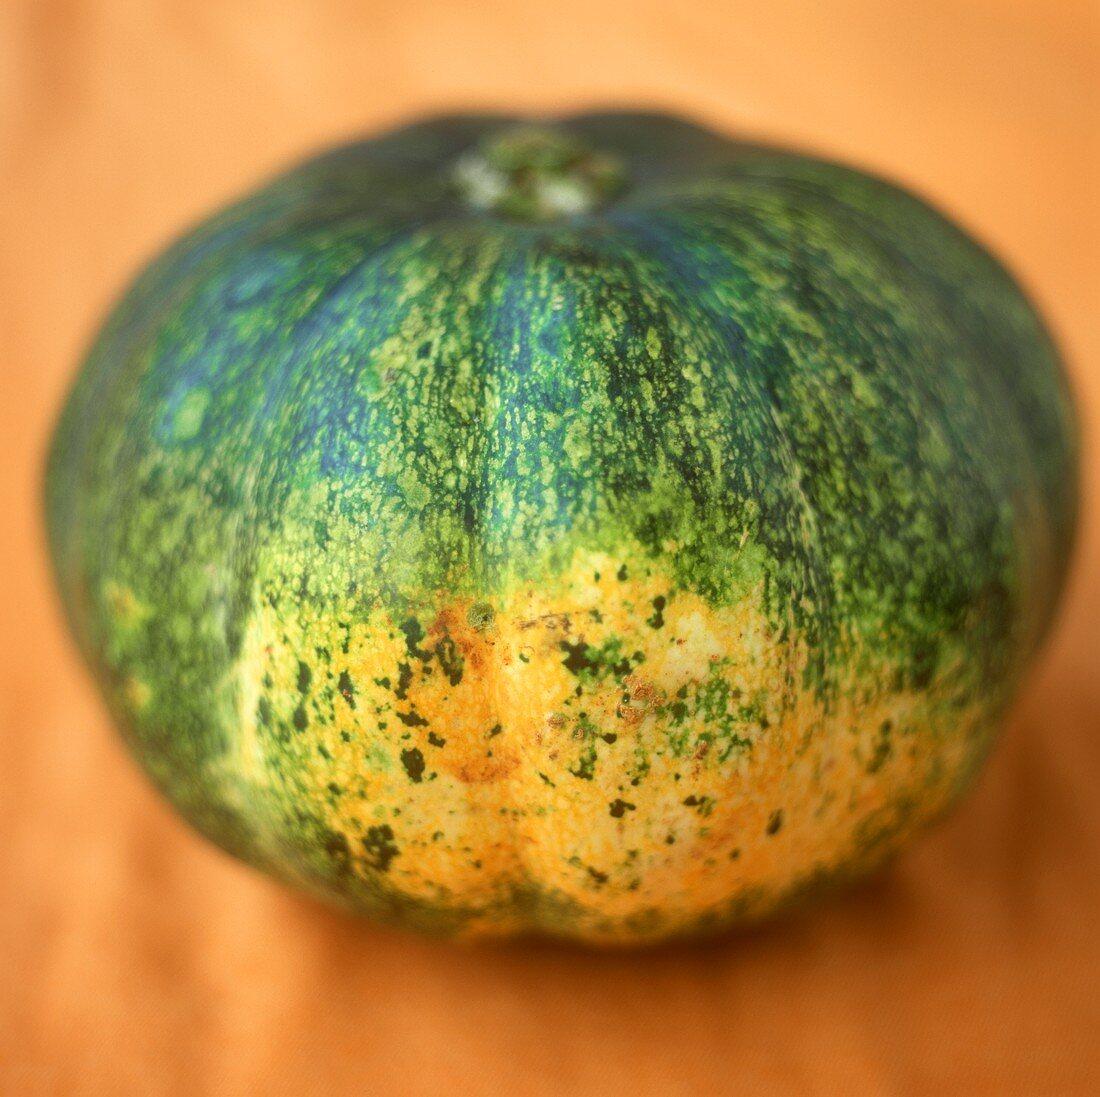 Yellow-green pumpkin